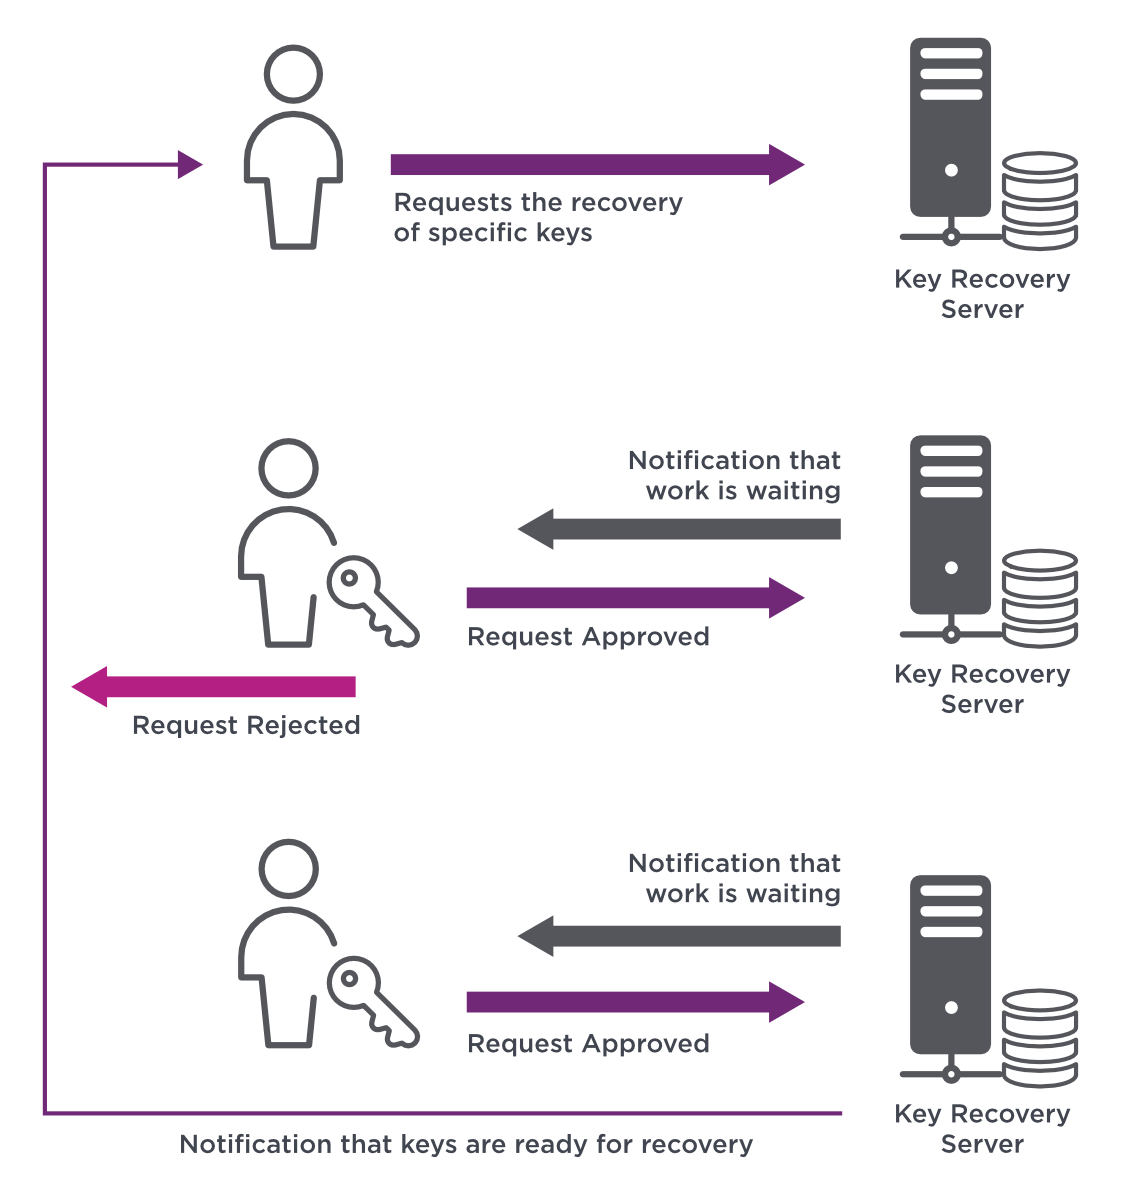 diagramma del server di ripristino delle chiavi